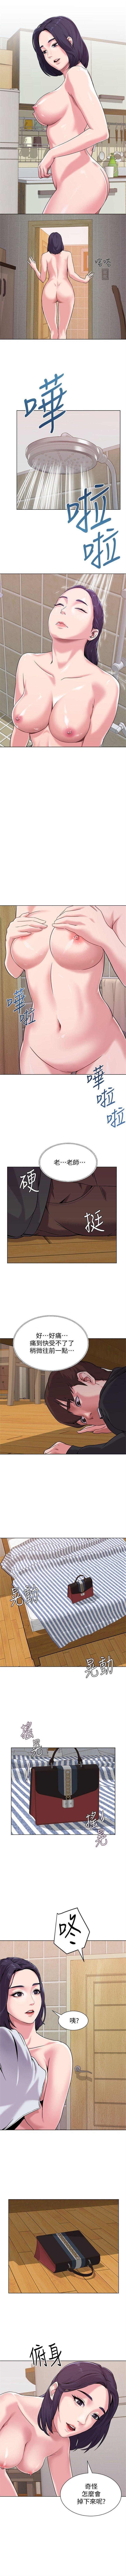 (周3)老师 1-56 中文翻译(更新中) 33